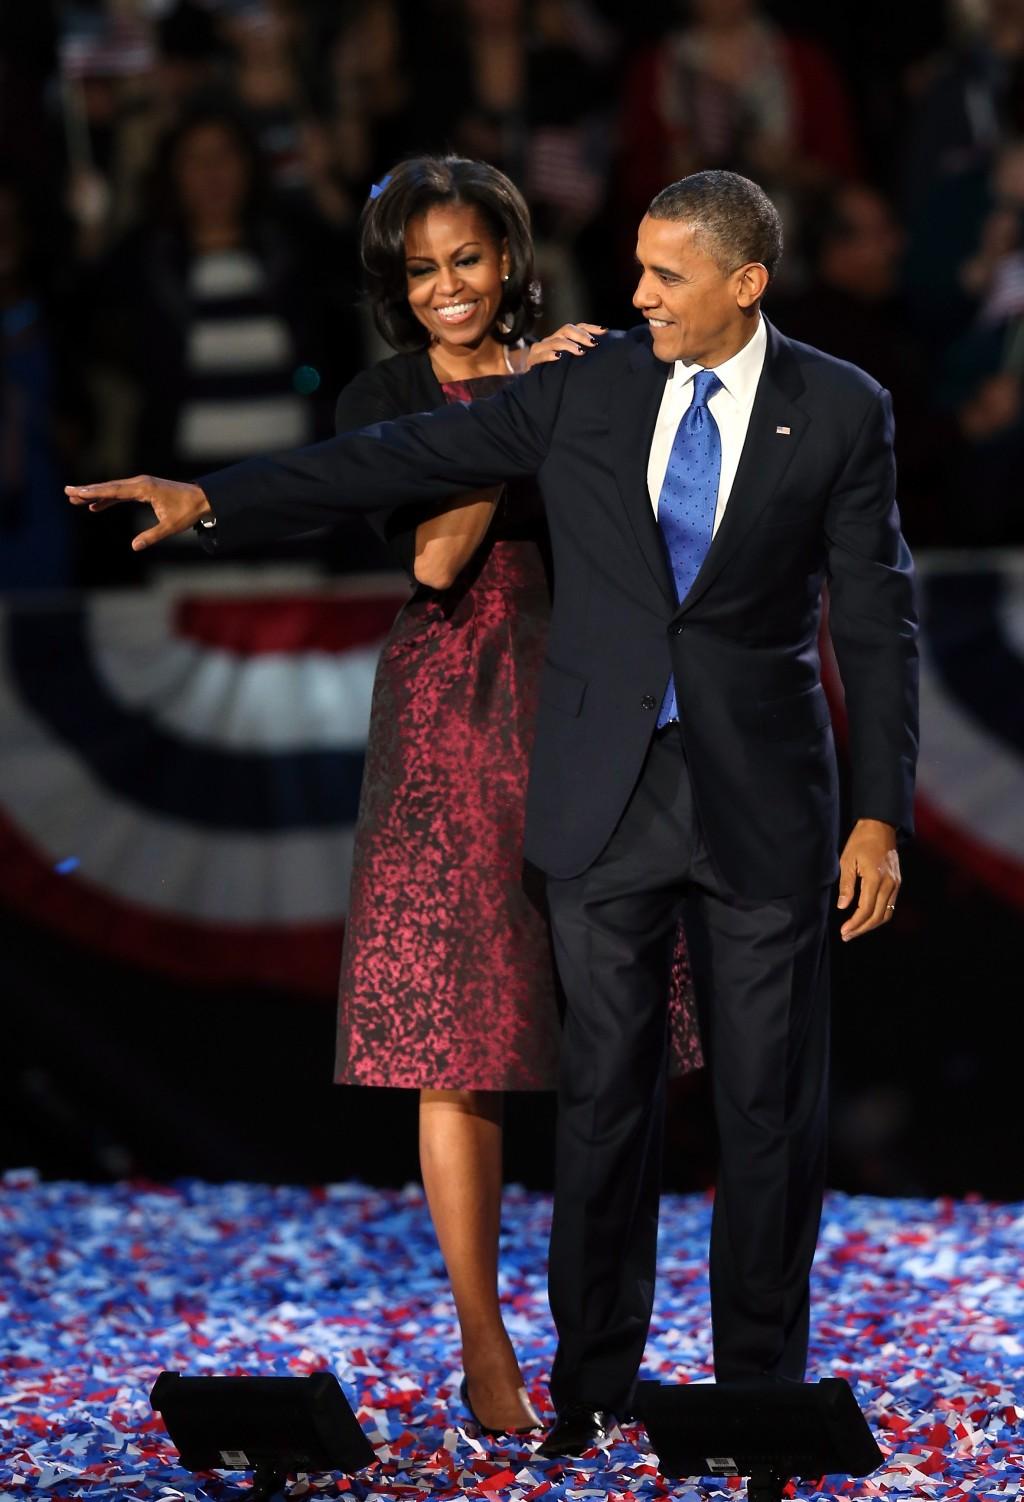 Lý do để Michelle Obama thành hình mẫu lý tưởng của mọi phụ nữ 2